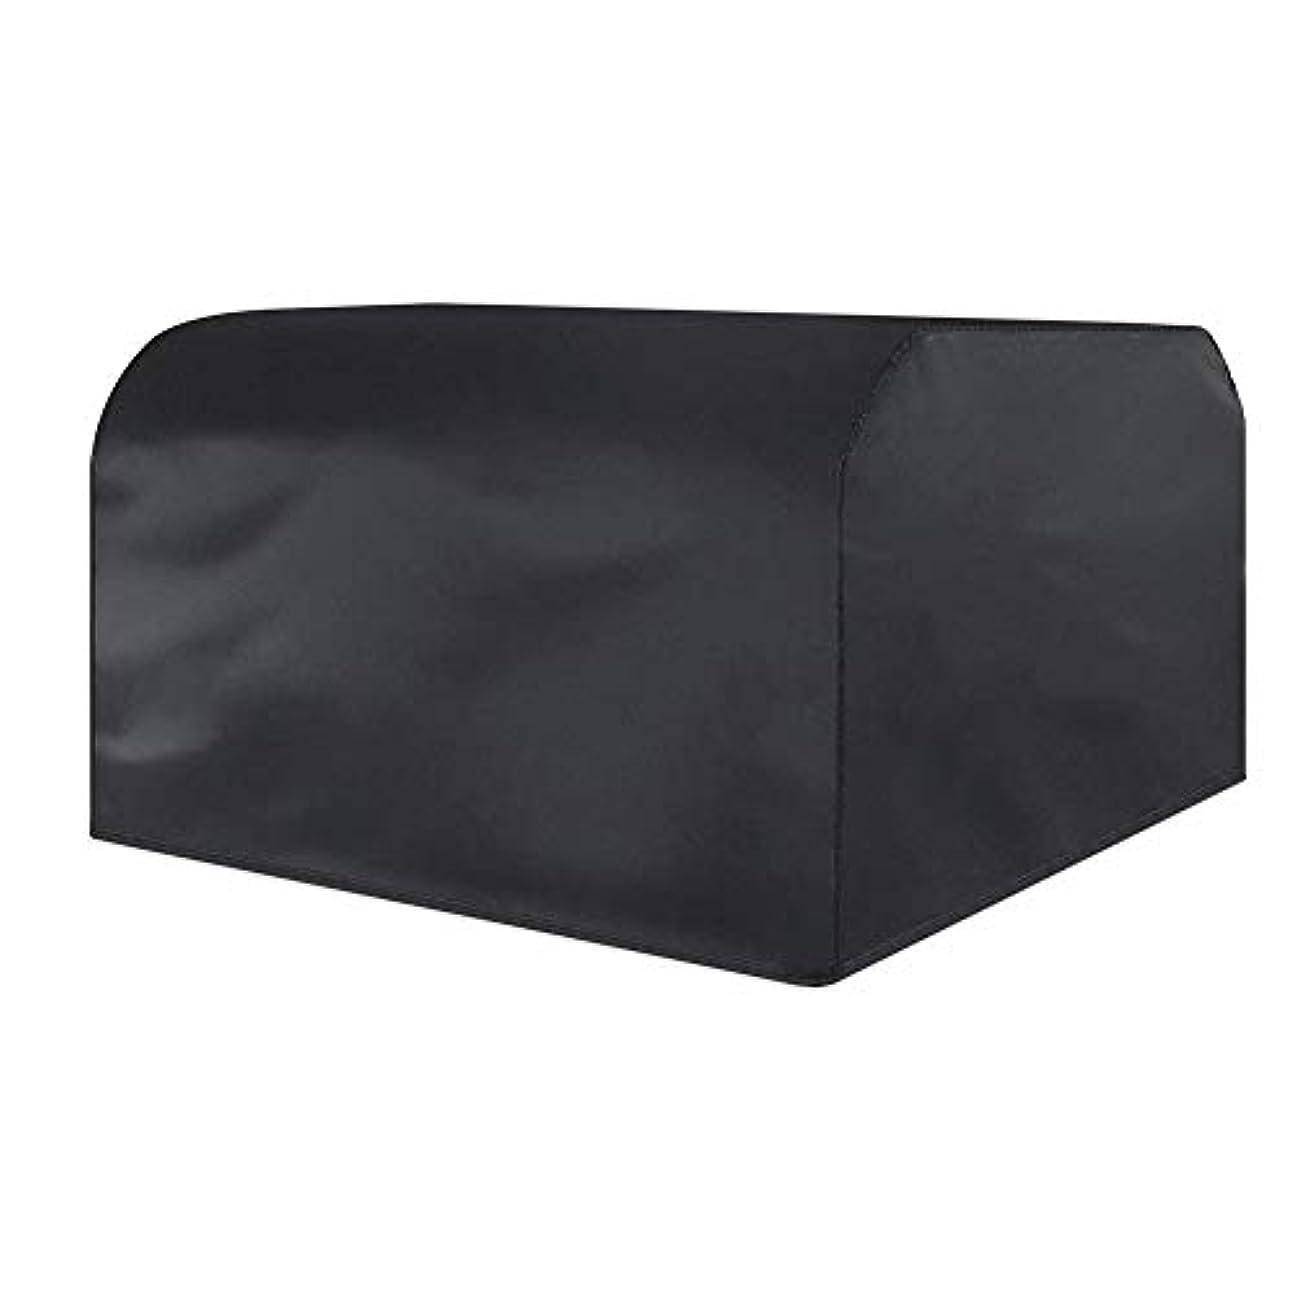 ドラム思いやりのある石灰岩ZEMIN ターポリンタープ 家具 カバー 庭園 屋外 日除け 保護 防水 フィールド 420D オックスフォード布、 カスタマイズ可能、 9サイズ (色 : 黒, サイズ さいず : 162x242x100cm)